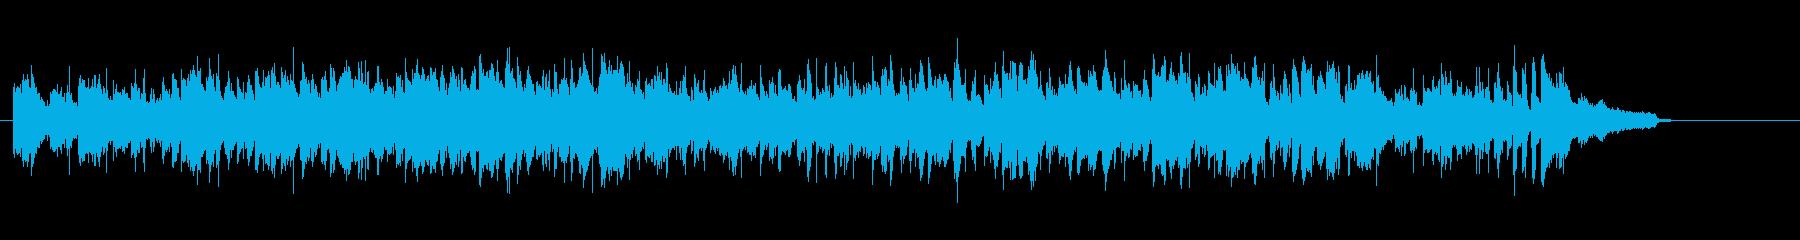 きらめくヴァイブが小粋なジャズの再生済みの波形